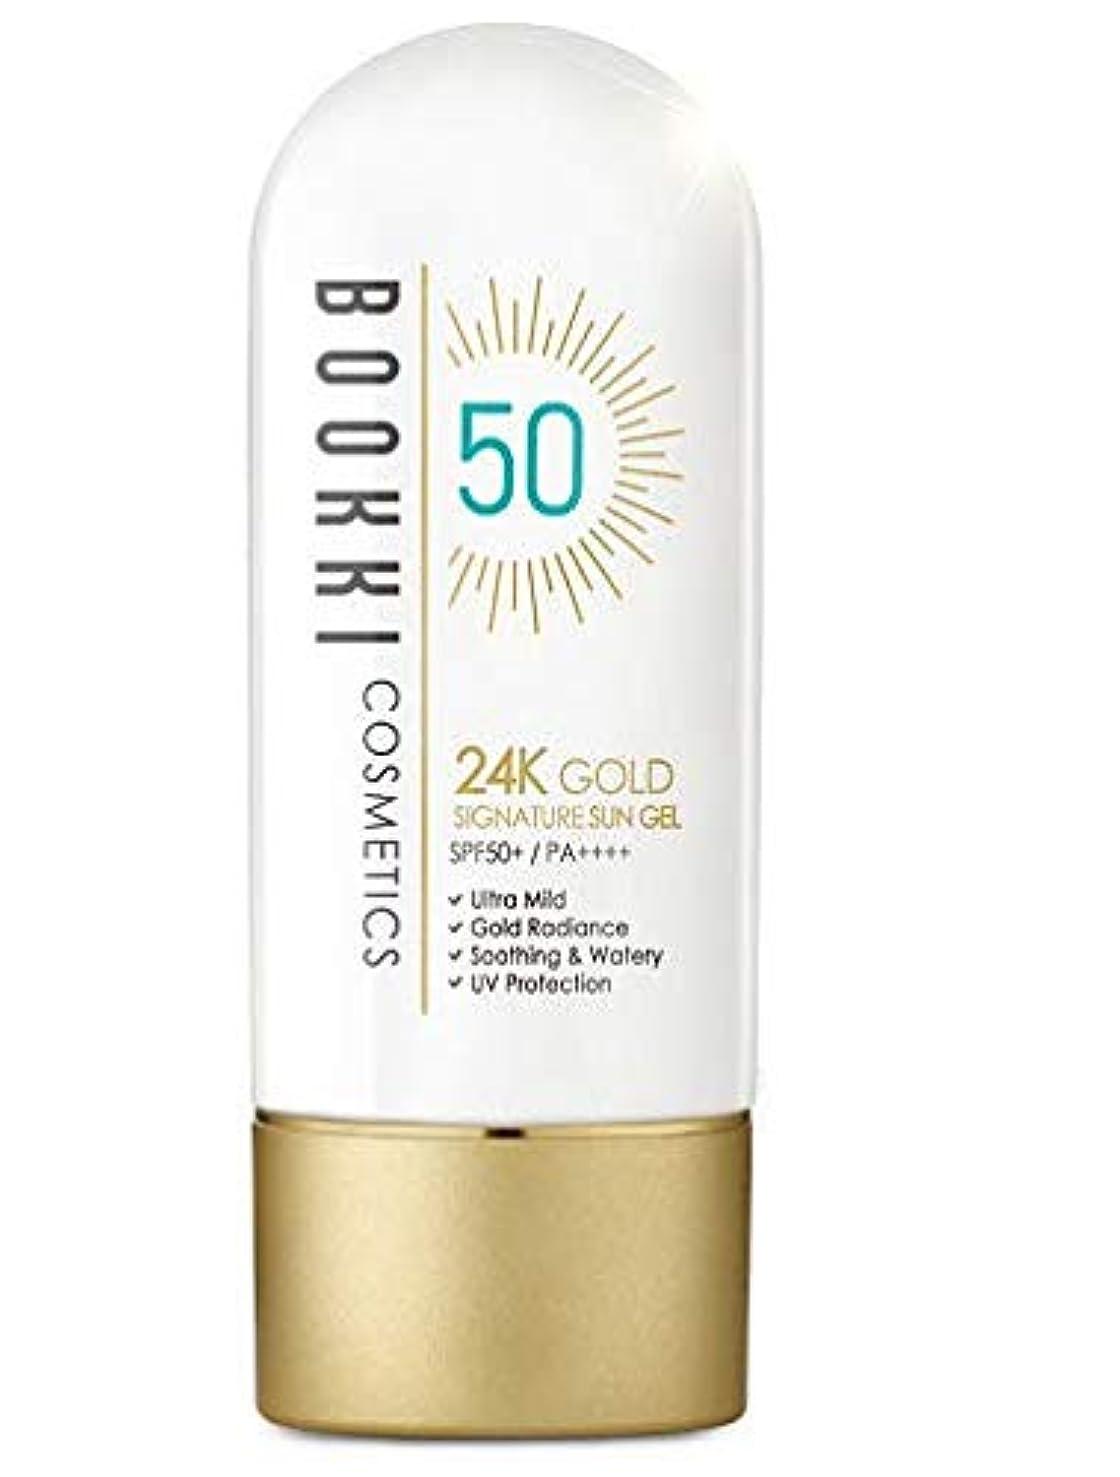 次疑わしい相関する24Kゴールドシグネチャーサンジェル (60ml) 紫外線カット UVカット 日焼け止め 美白 美容